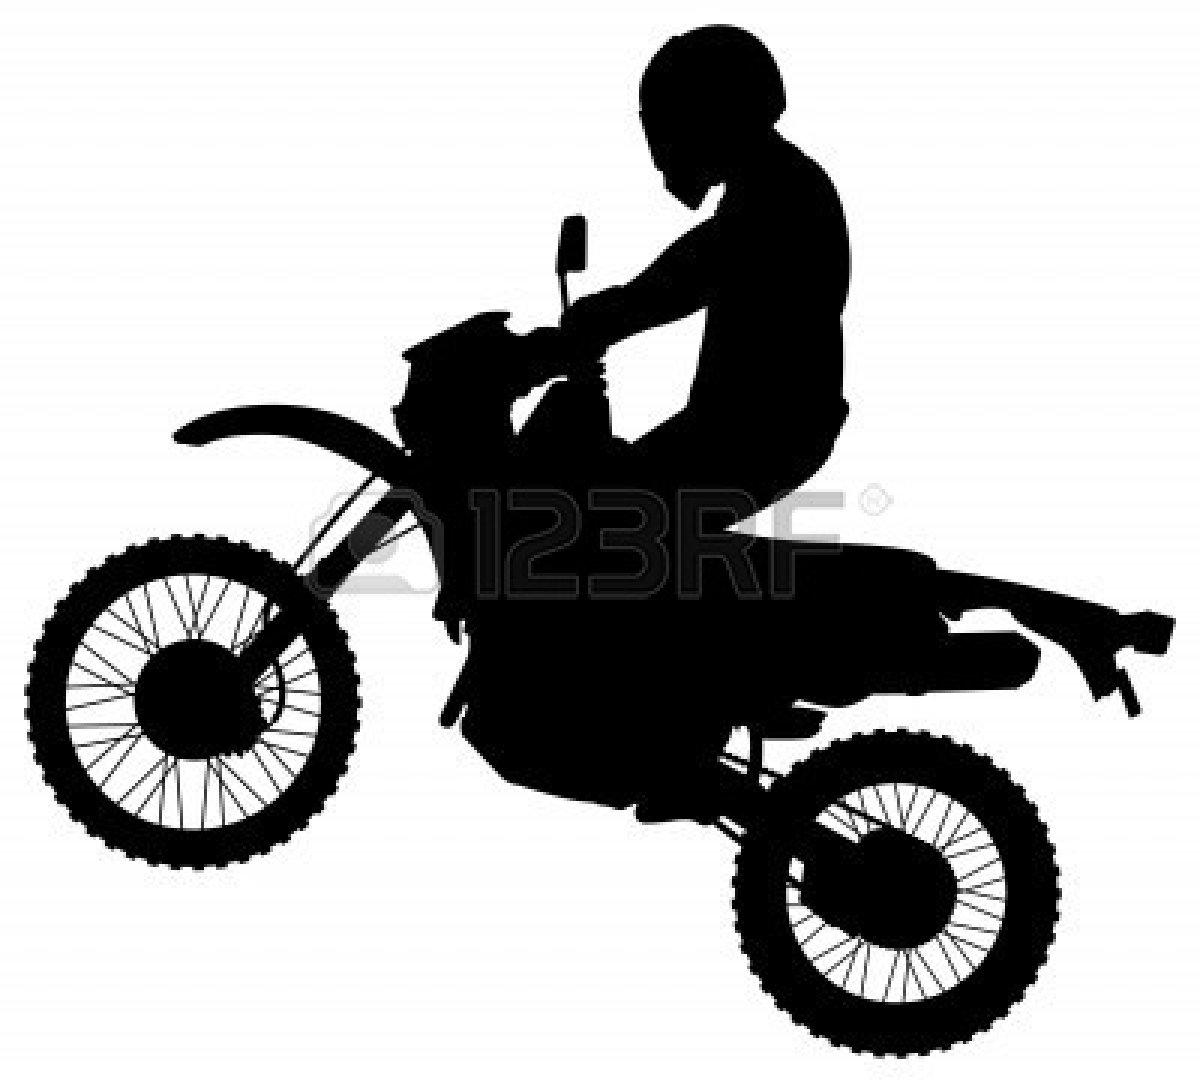 Dirt Bike Clipart Black And White Clipar-Dirt Bike Clipart Black And White Clipart Panda Free Clipart-14